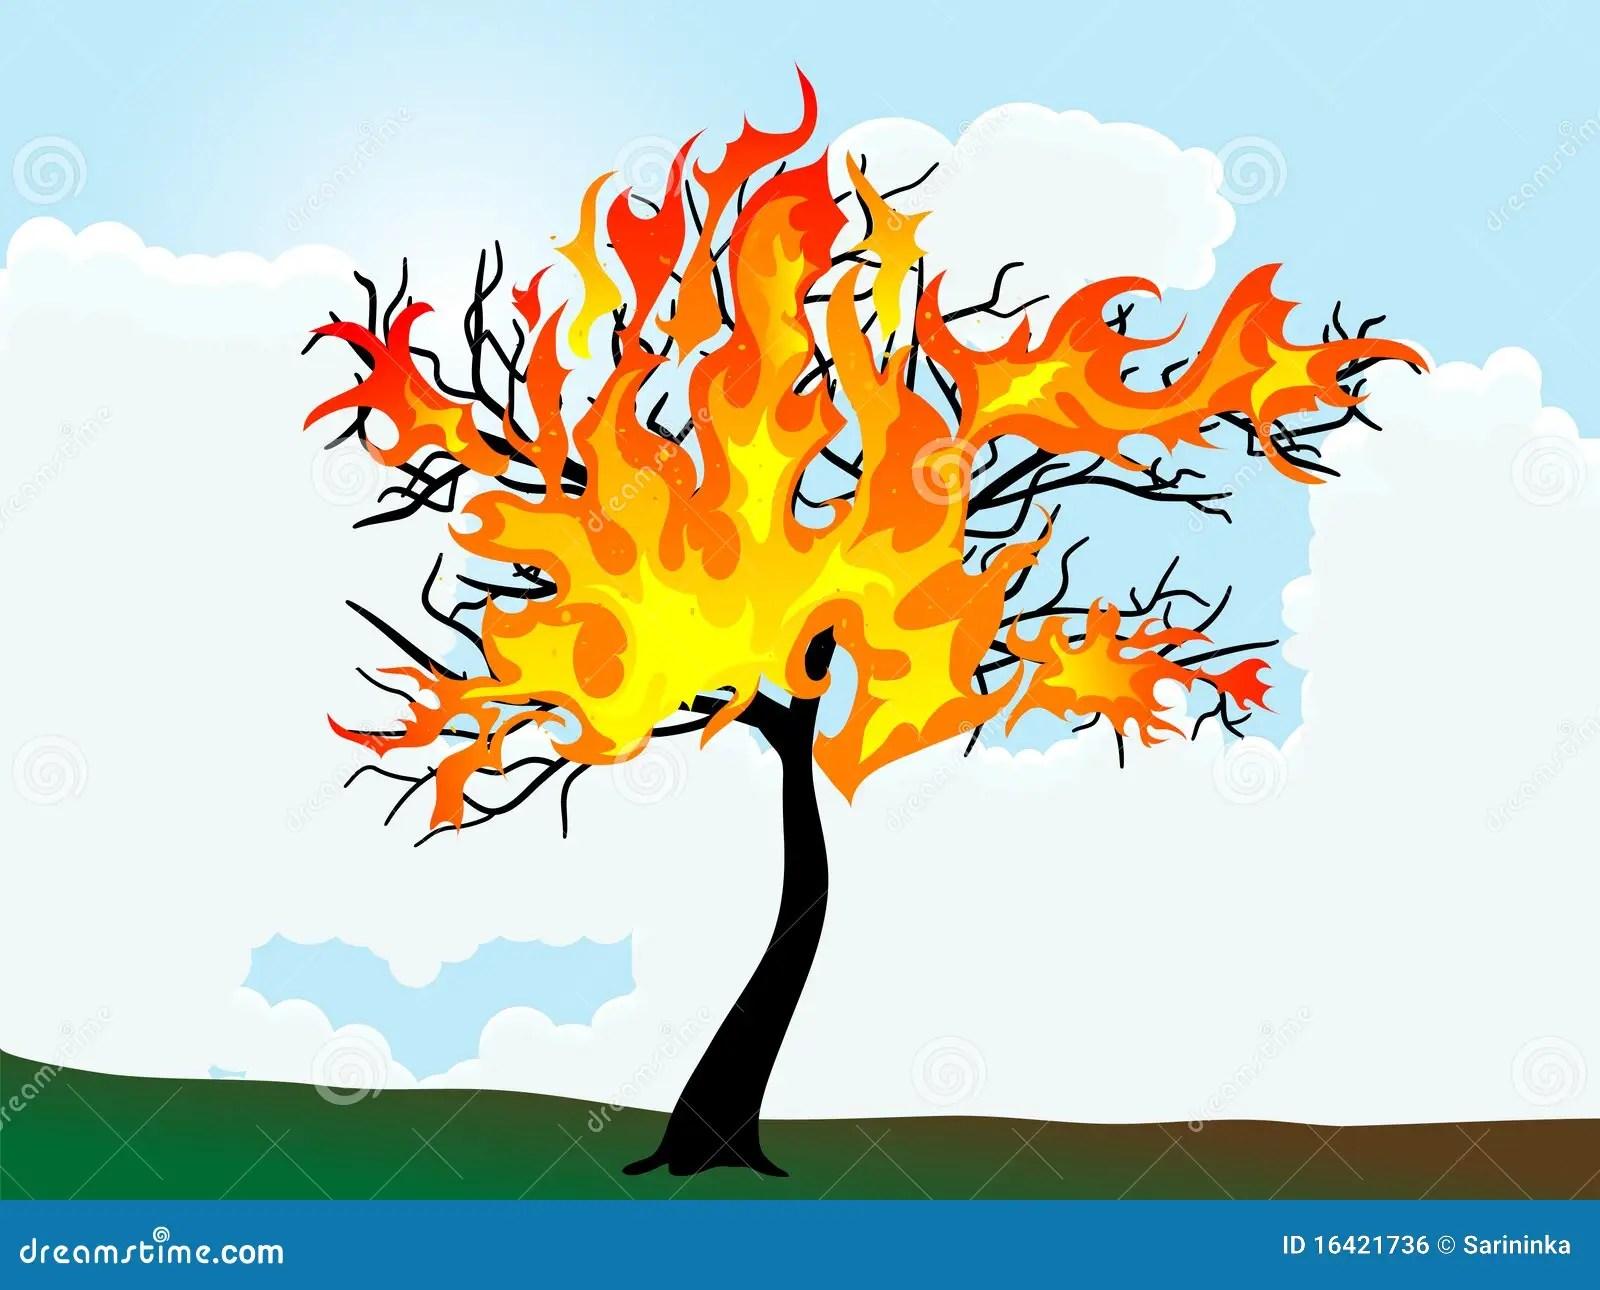 Burning Tree Royalty Free Stock Image Image 16421736